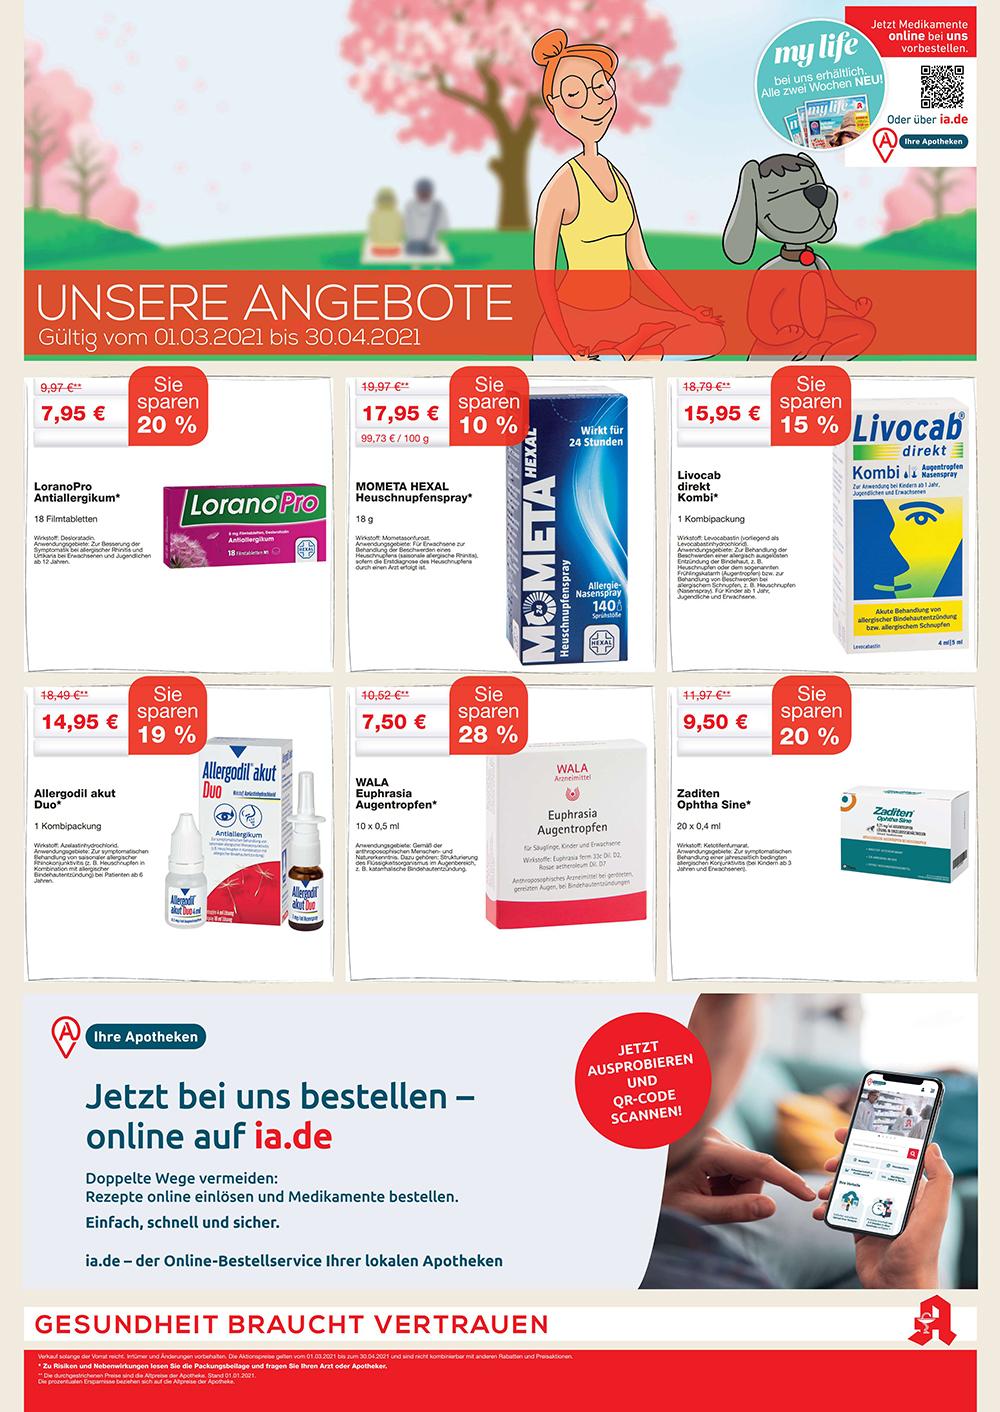 http://www.apotheken.de/fileadmin/clubarea/00000-Angebote/30167_nordstadt_angebot_1.jpg